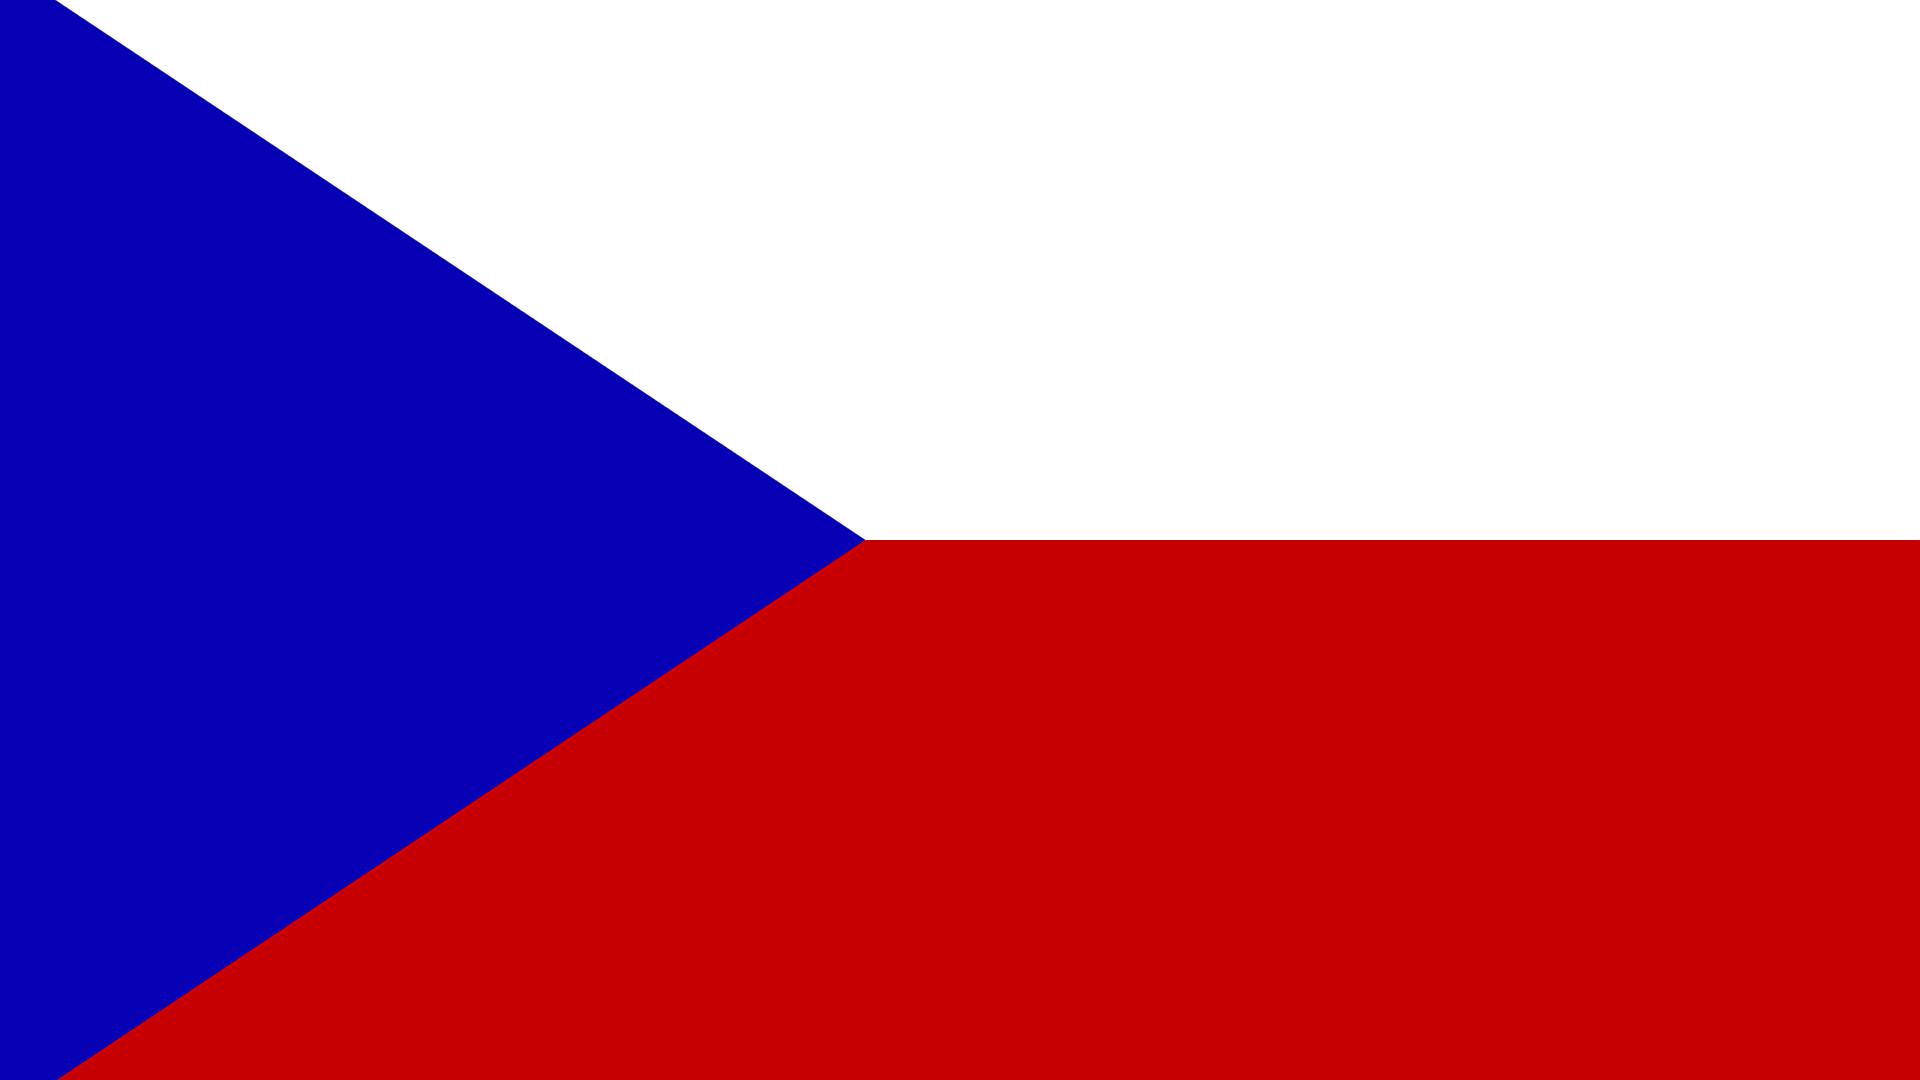 Flug nach Tschechien